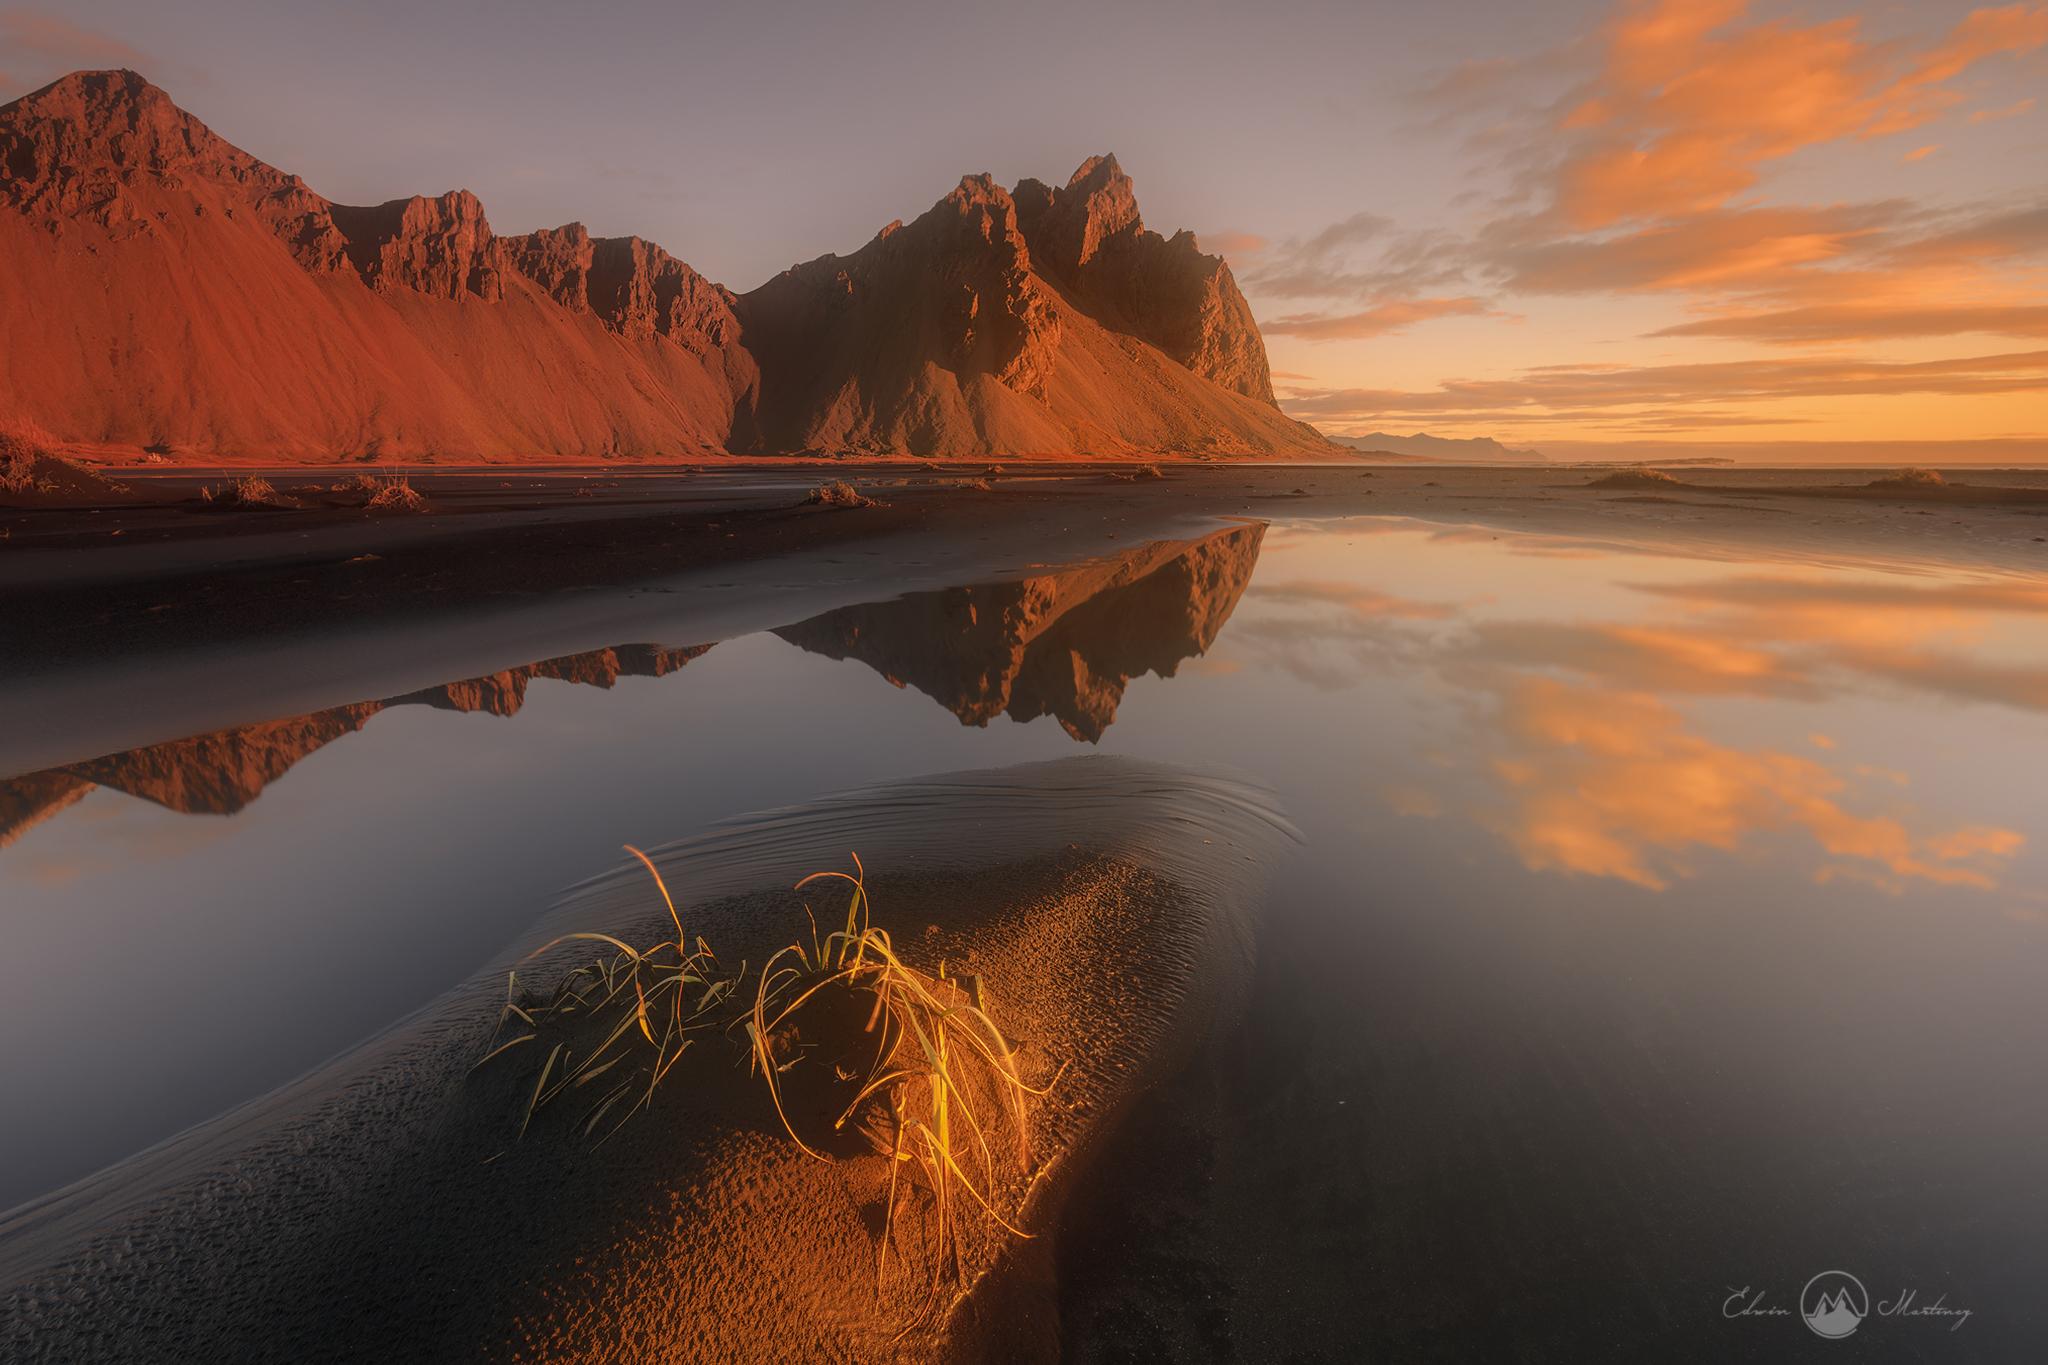 ภูเขาเวสตราฮอร์นขึ้นมาจากคาบสมุทรสตอกกเนสส์  ที่นี่คุณจะได้ชมเงาสะท้อนในสายสีดำที่ส่องประกาย.